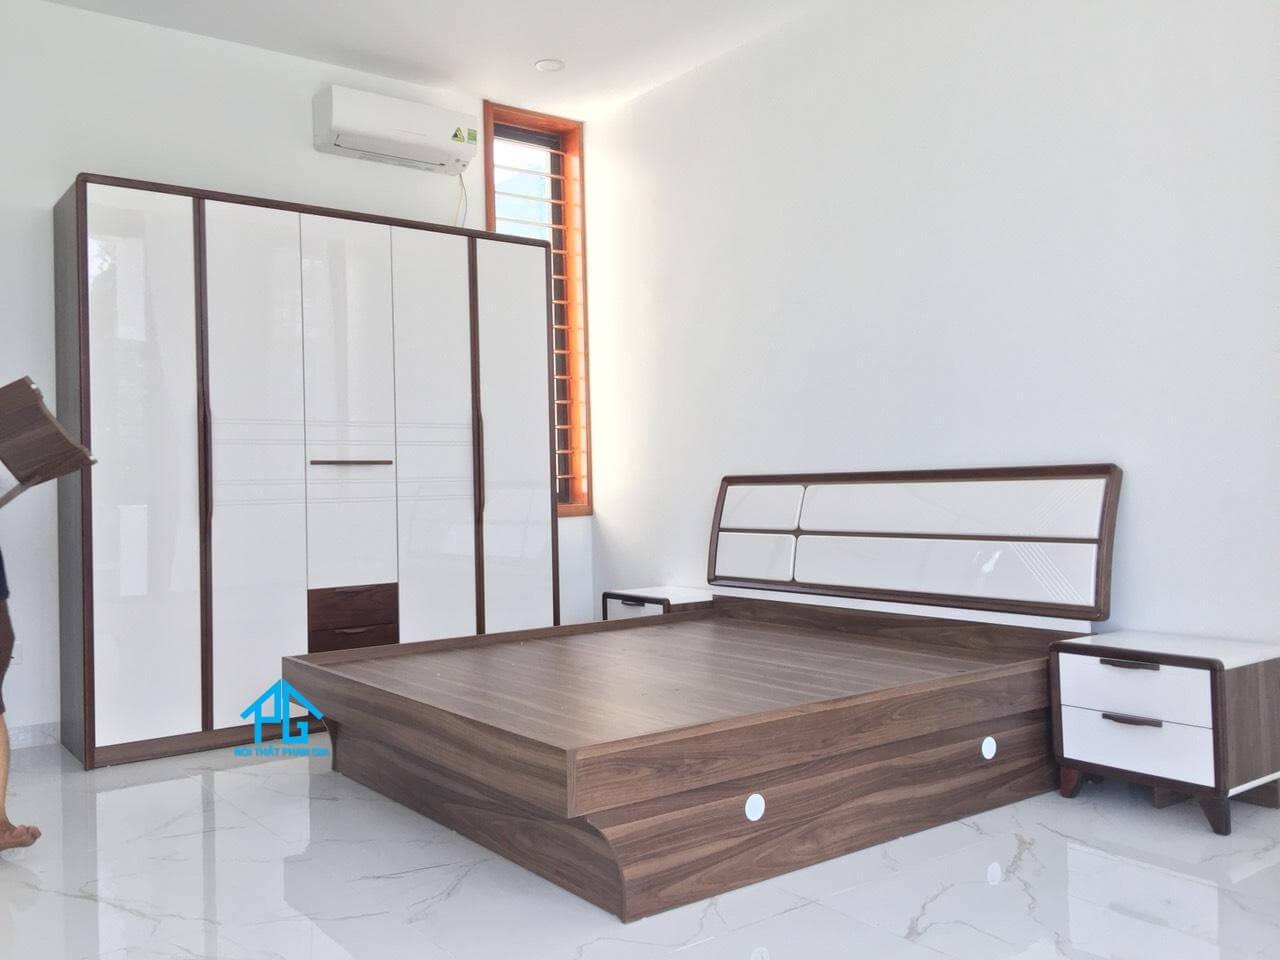 Tiến Lực cung cấp sản phẩm giường tủ phòng ngủ lâm hà